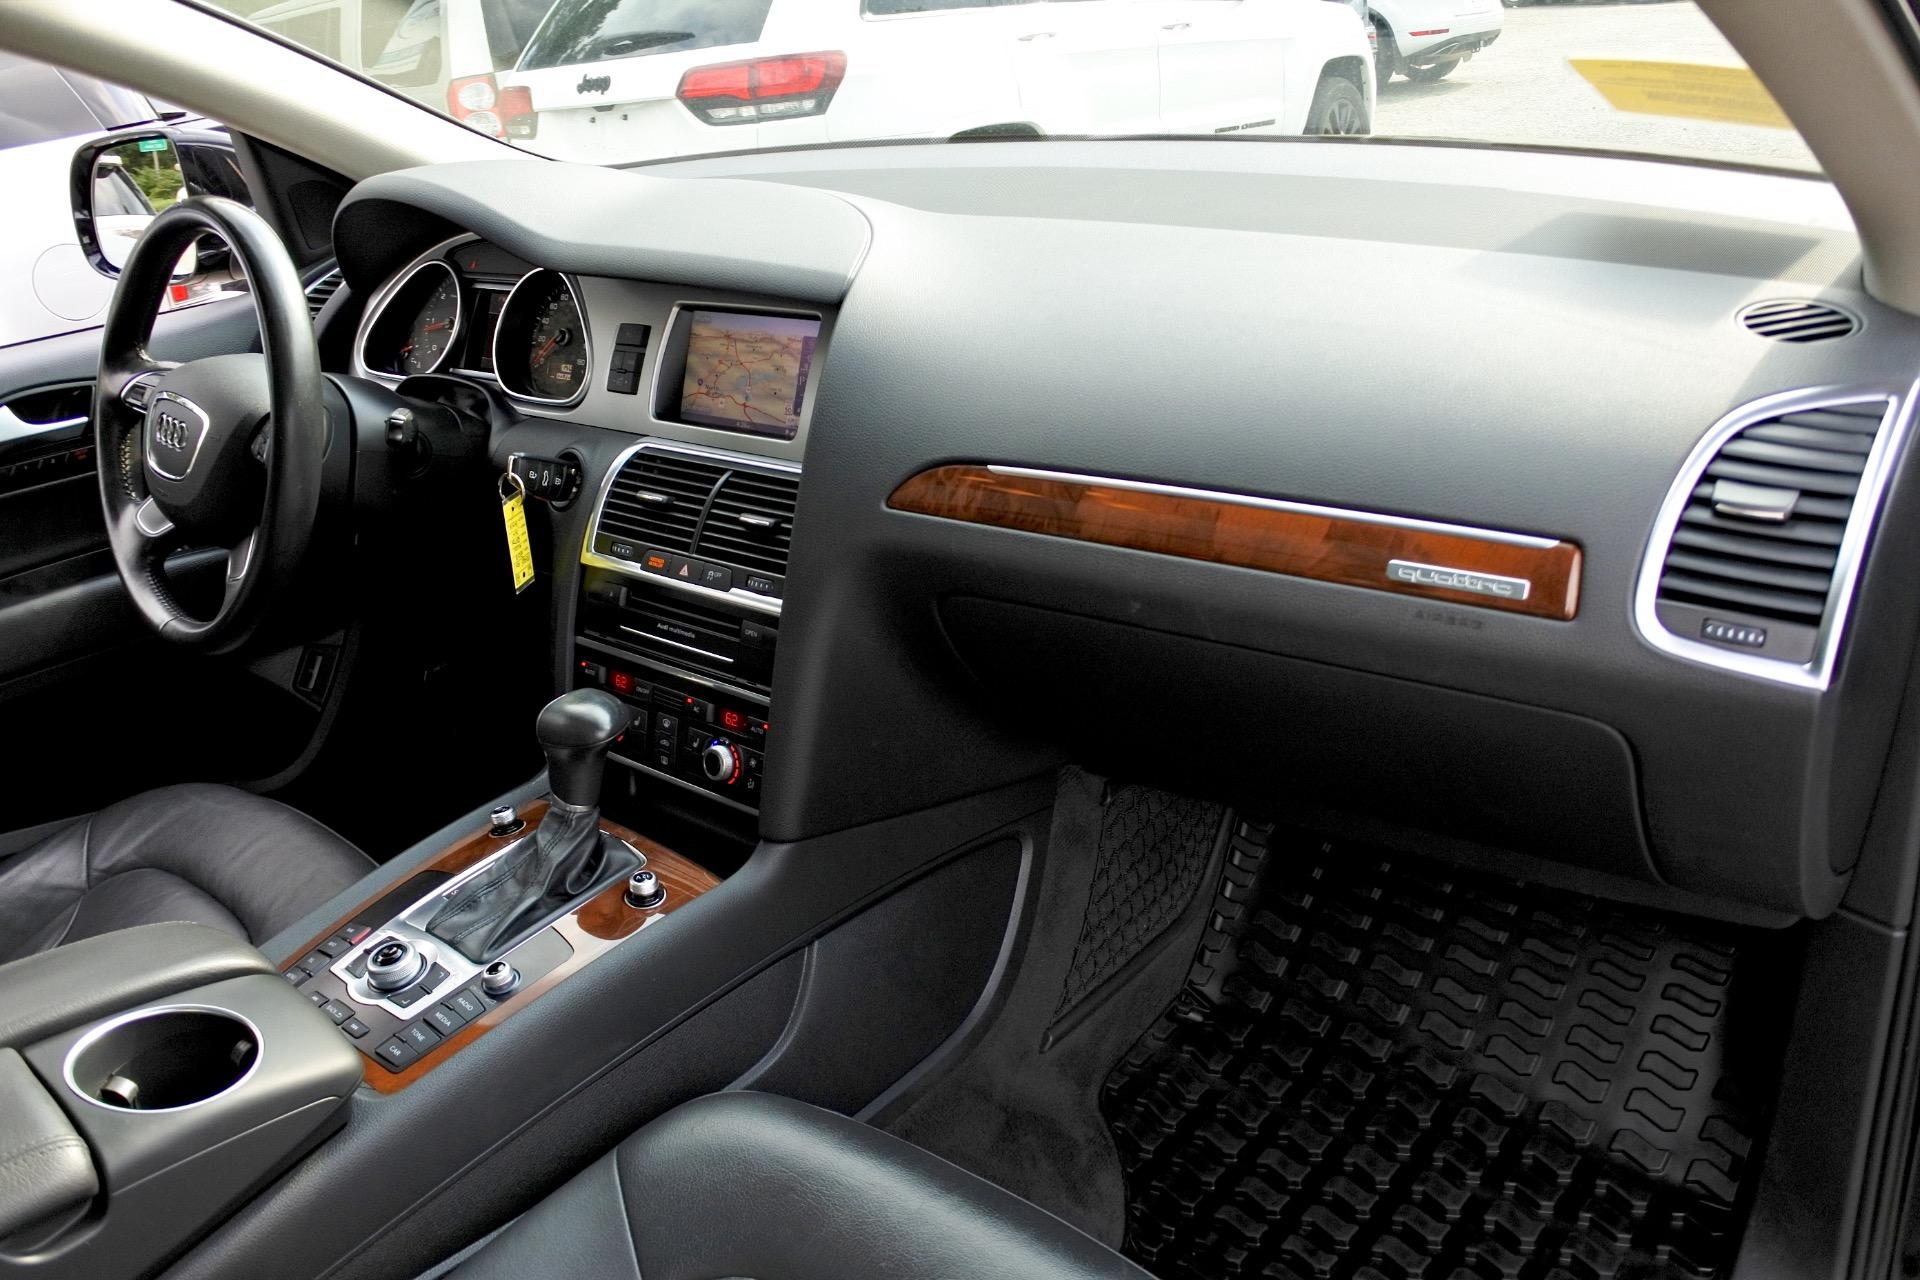 Used 2013 Audi Q7 TDI Premium Plus Used 2013 Audi Q7 TDI Premium Plus for sale  at Metro West Motorcars LLC in Shrewsbury MA 25